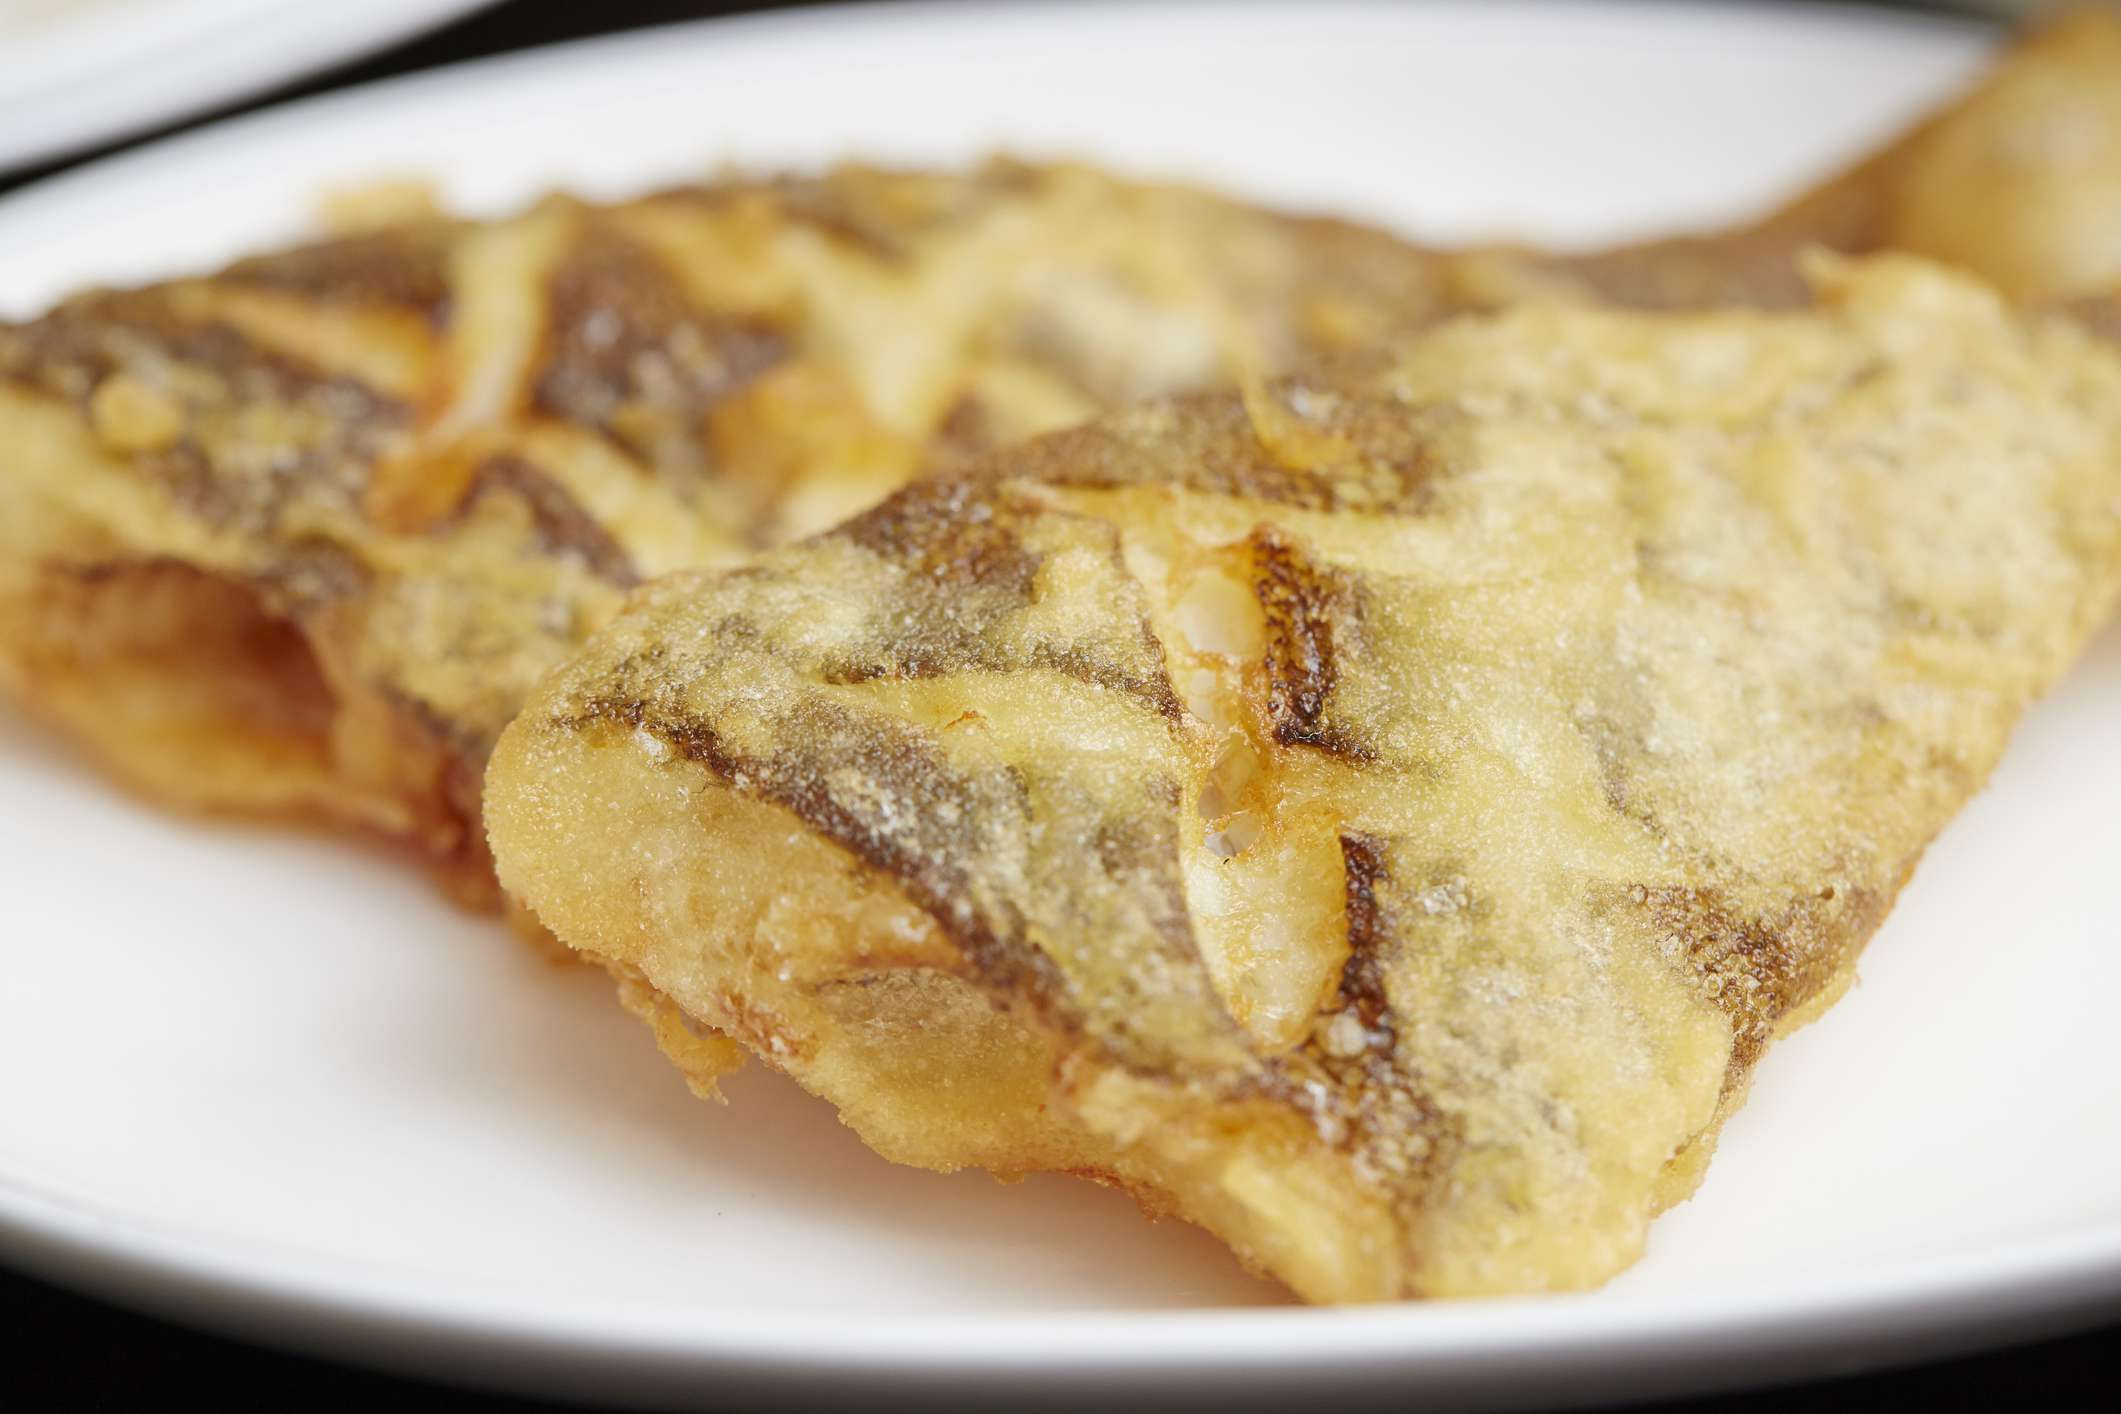 Korean fried fish